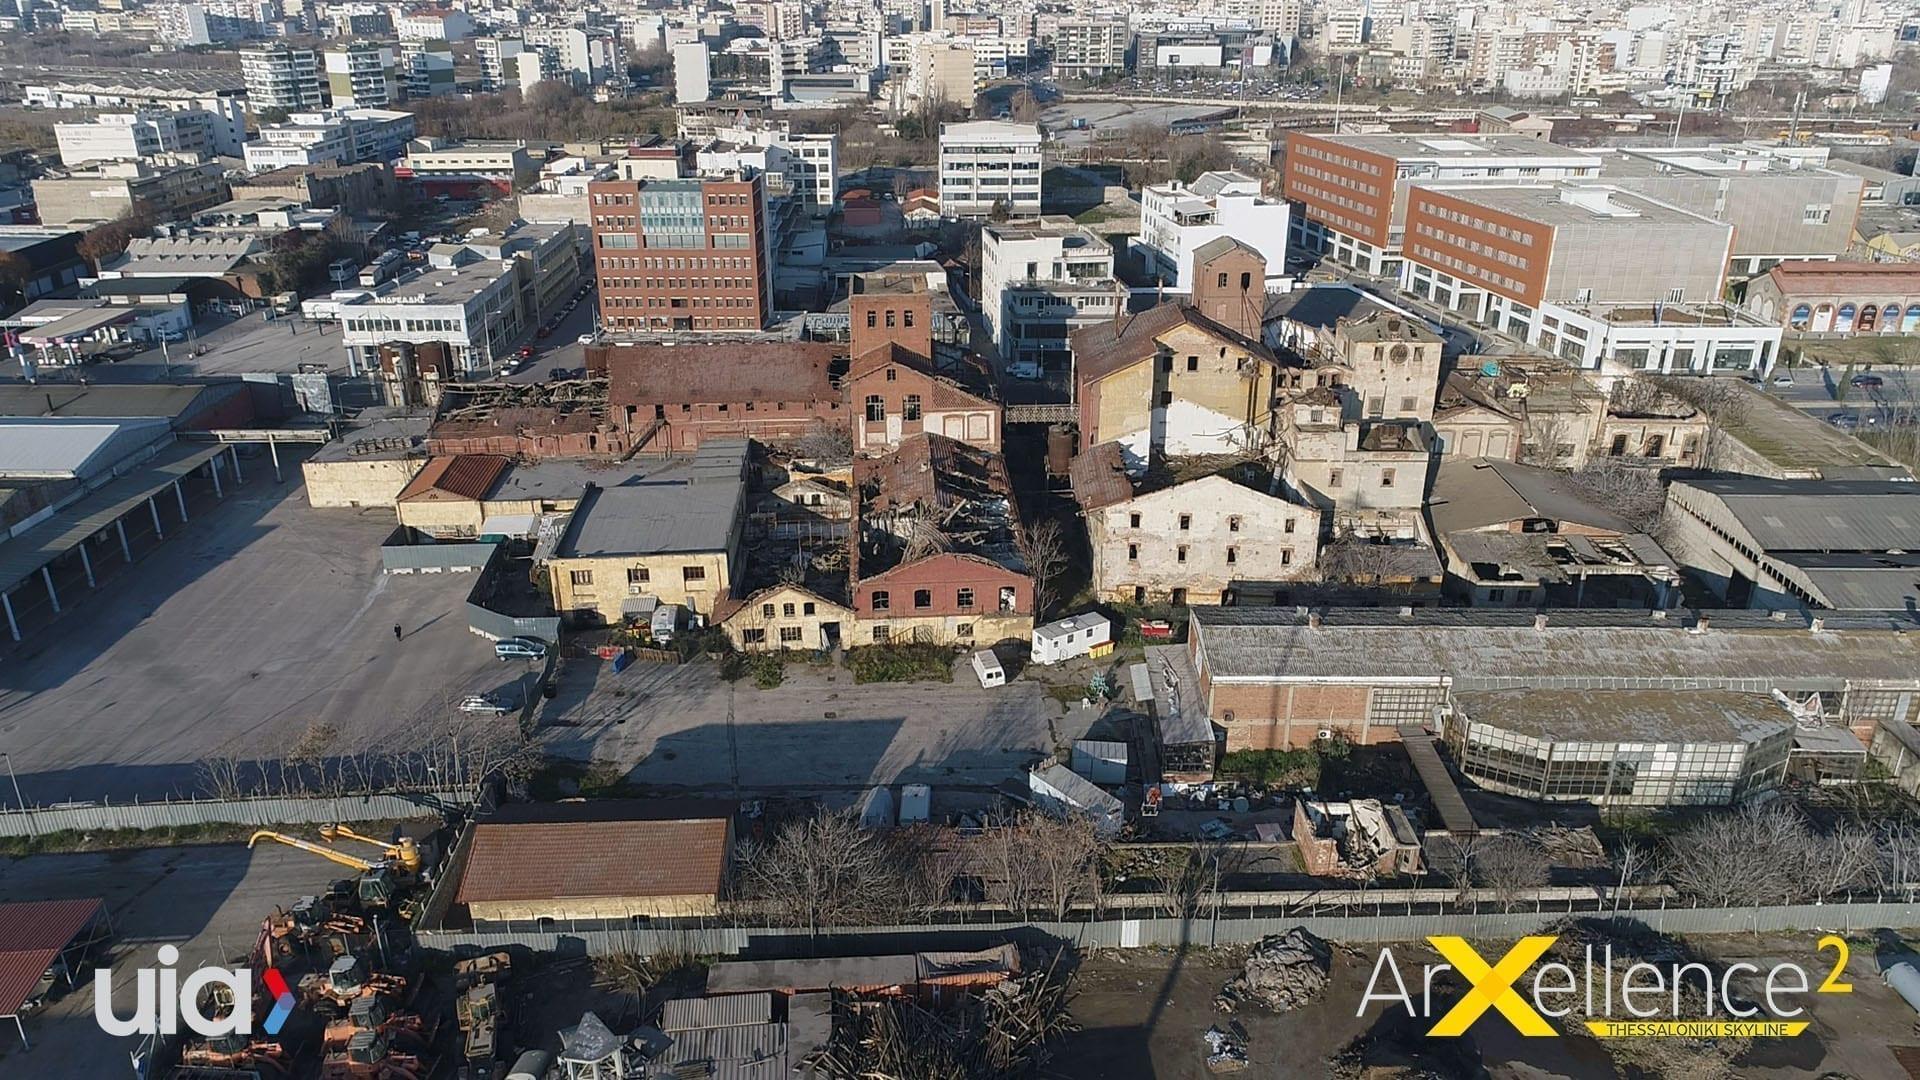 Arxellence 2 competition area 2 - ALUMIL organizează ArXellence 2, competiție deschisă arhitecților pentru noul Central Business District din Salonic